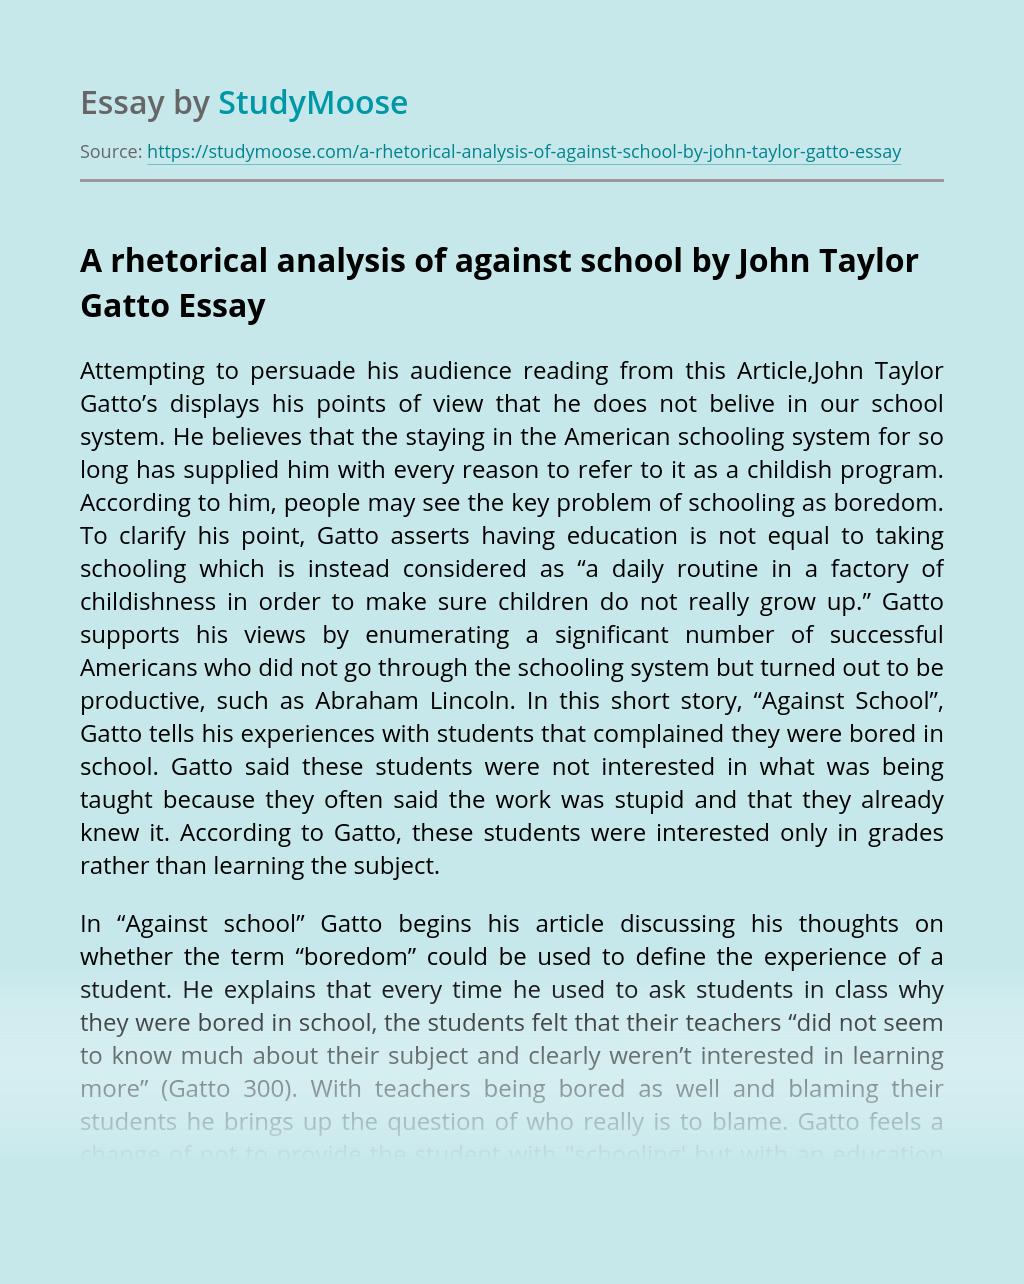 A rhetorical analysis of against school by John Taylor Gatto